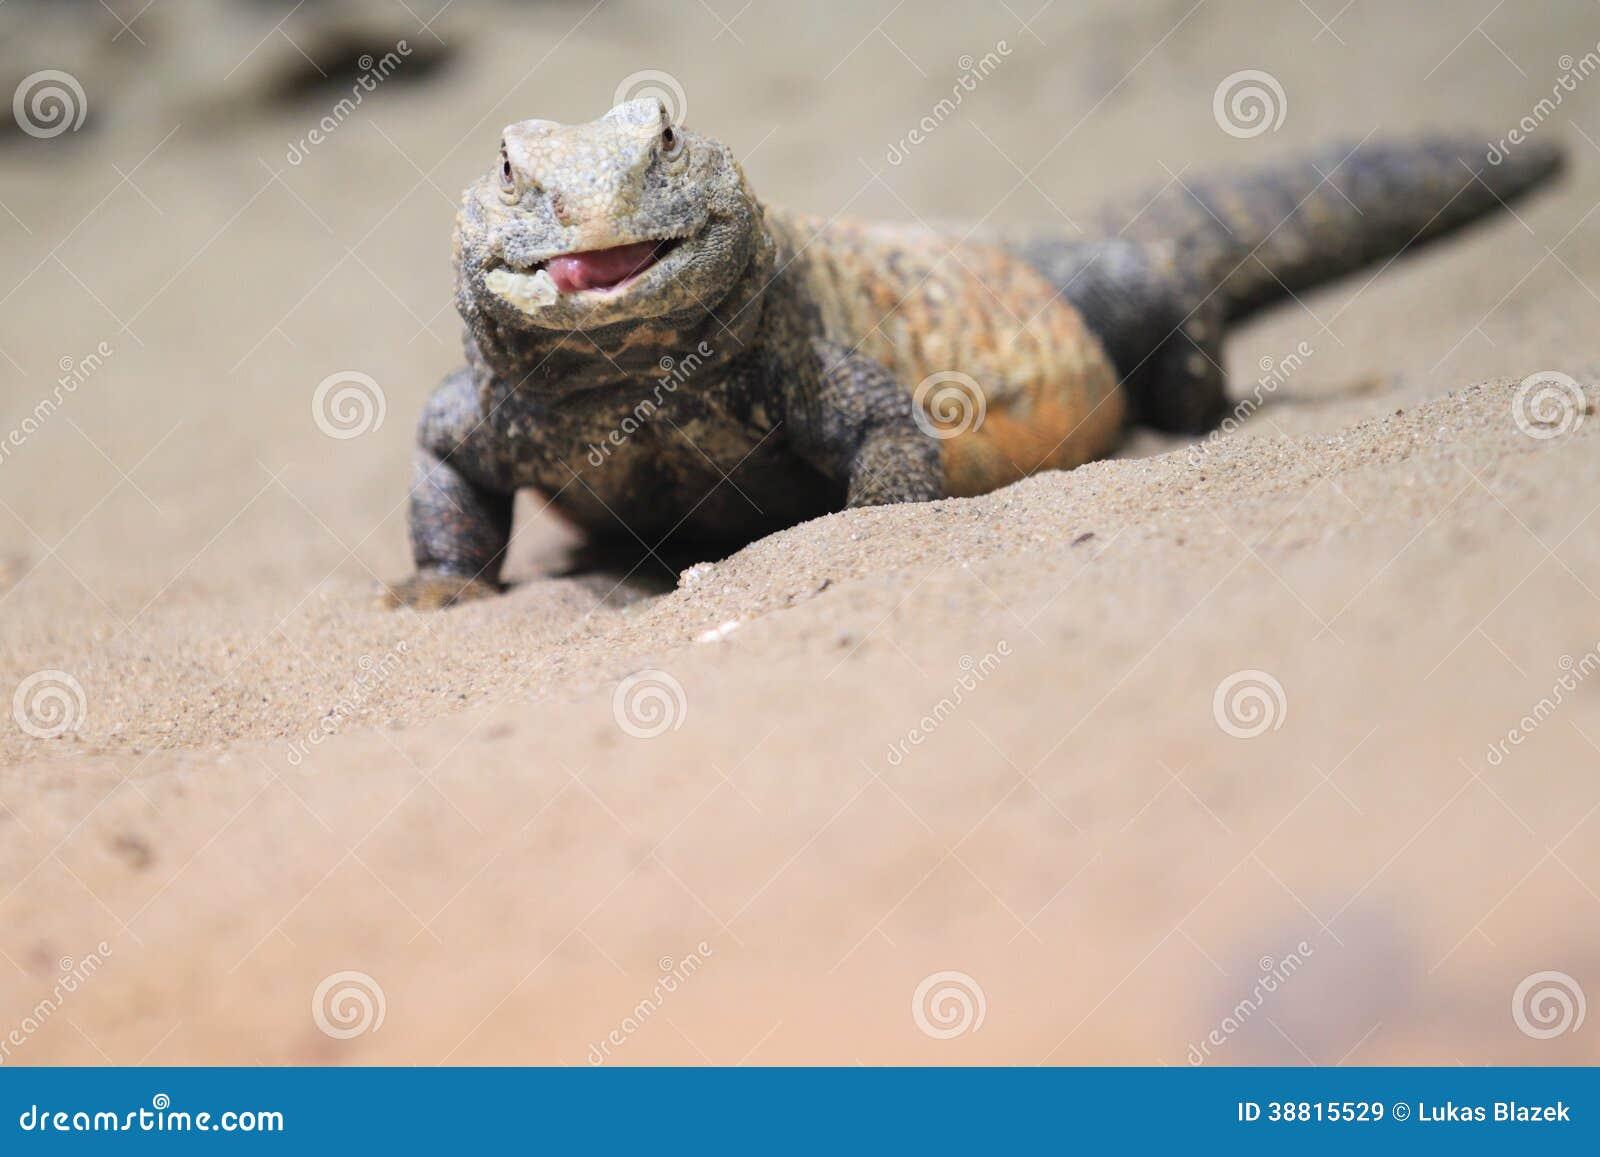 Иракец колючий-замкнуло ящерицу